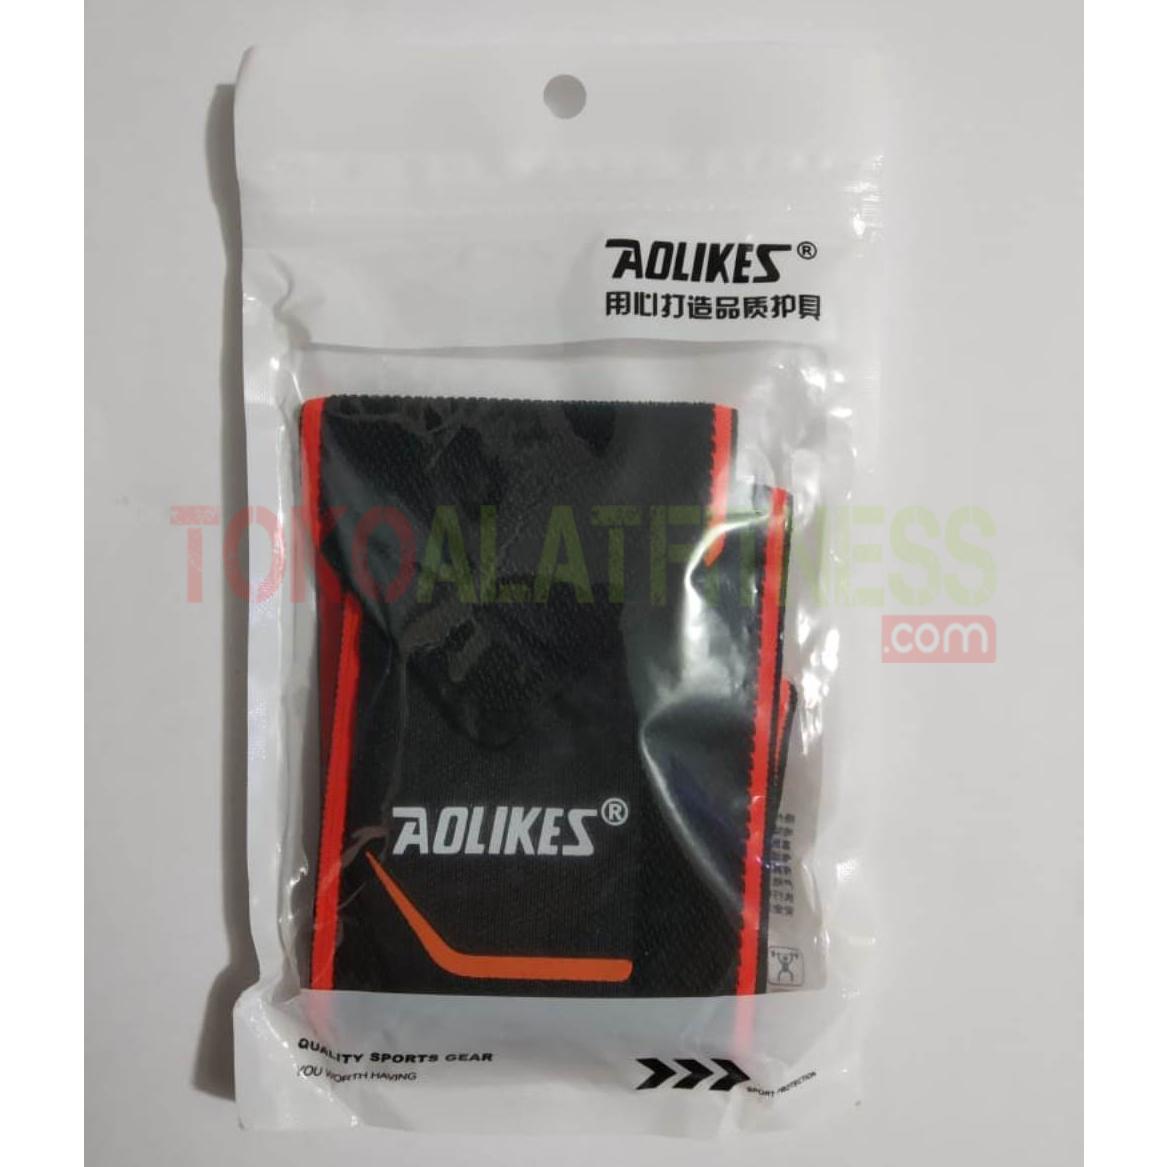 AOLIKES WRIST BAND WTM 13 - Hand Sprain Bandage, Black Orange Warps